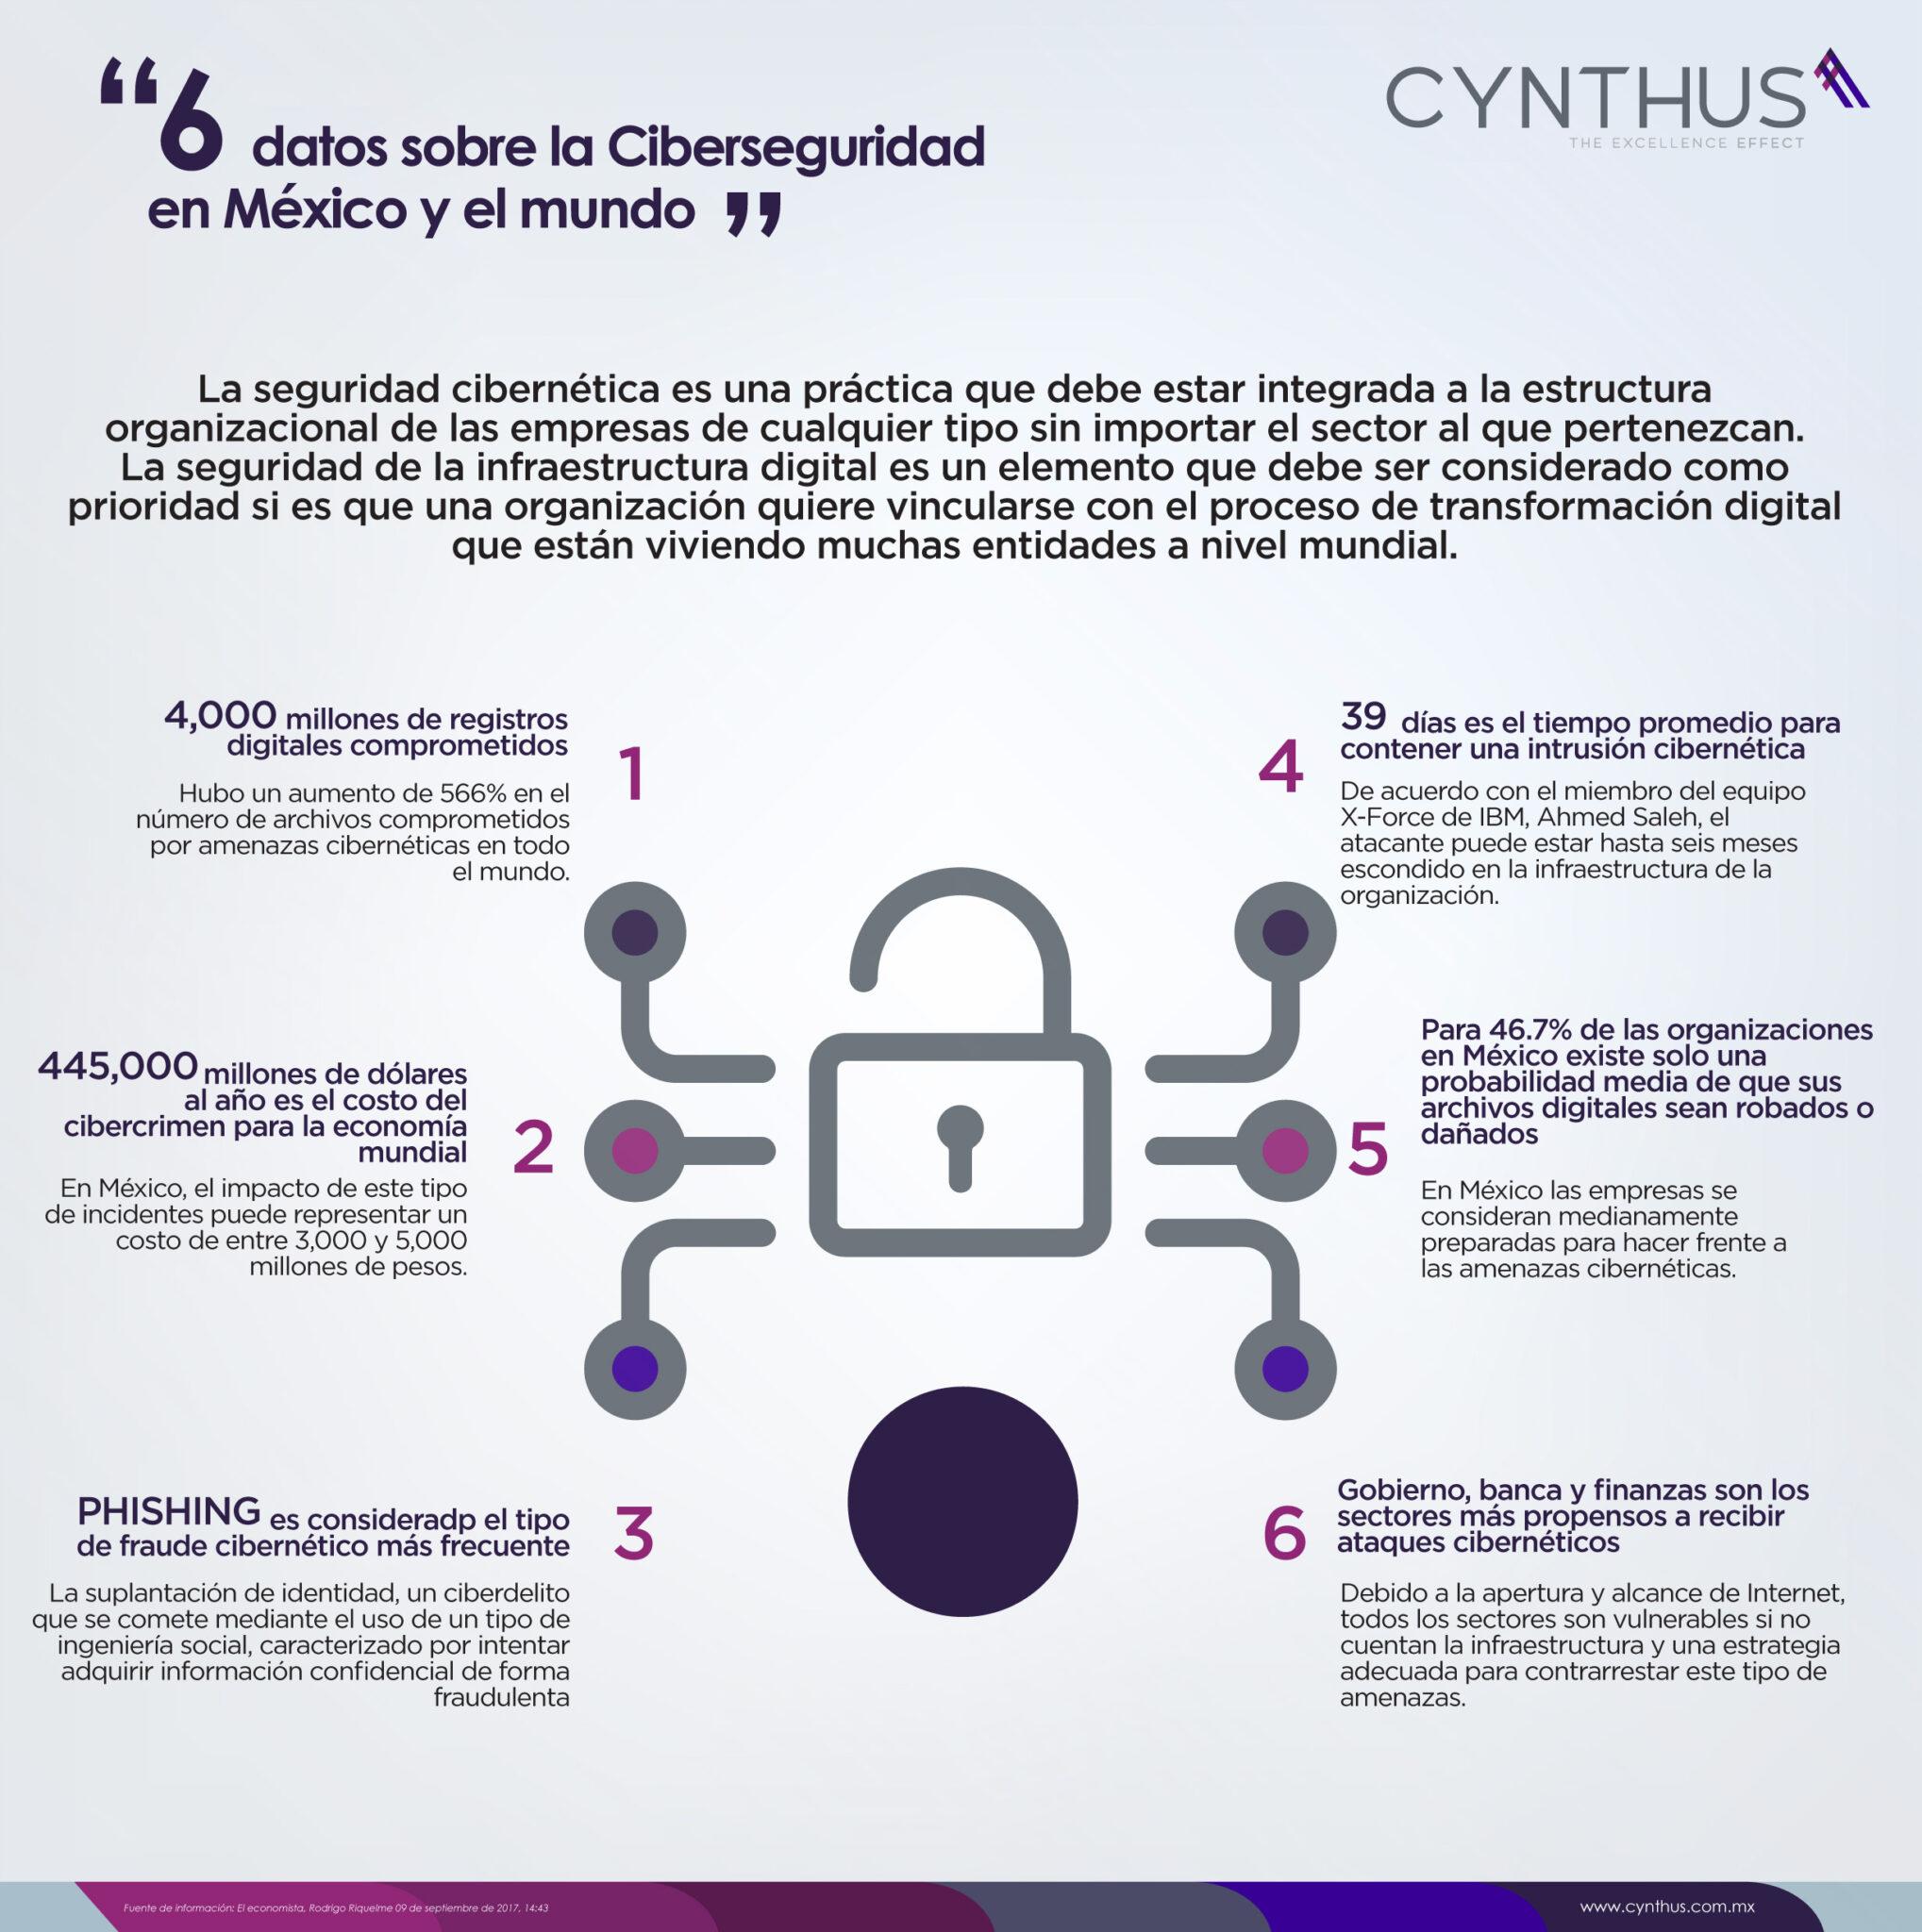 6 datos importantes sobre la ciberseguridad en México y el mundo.